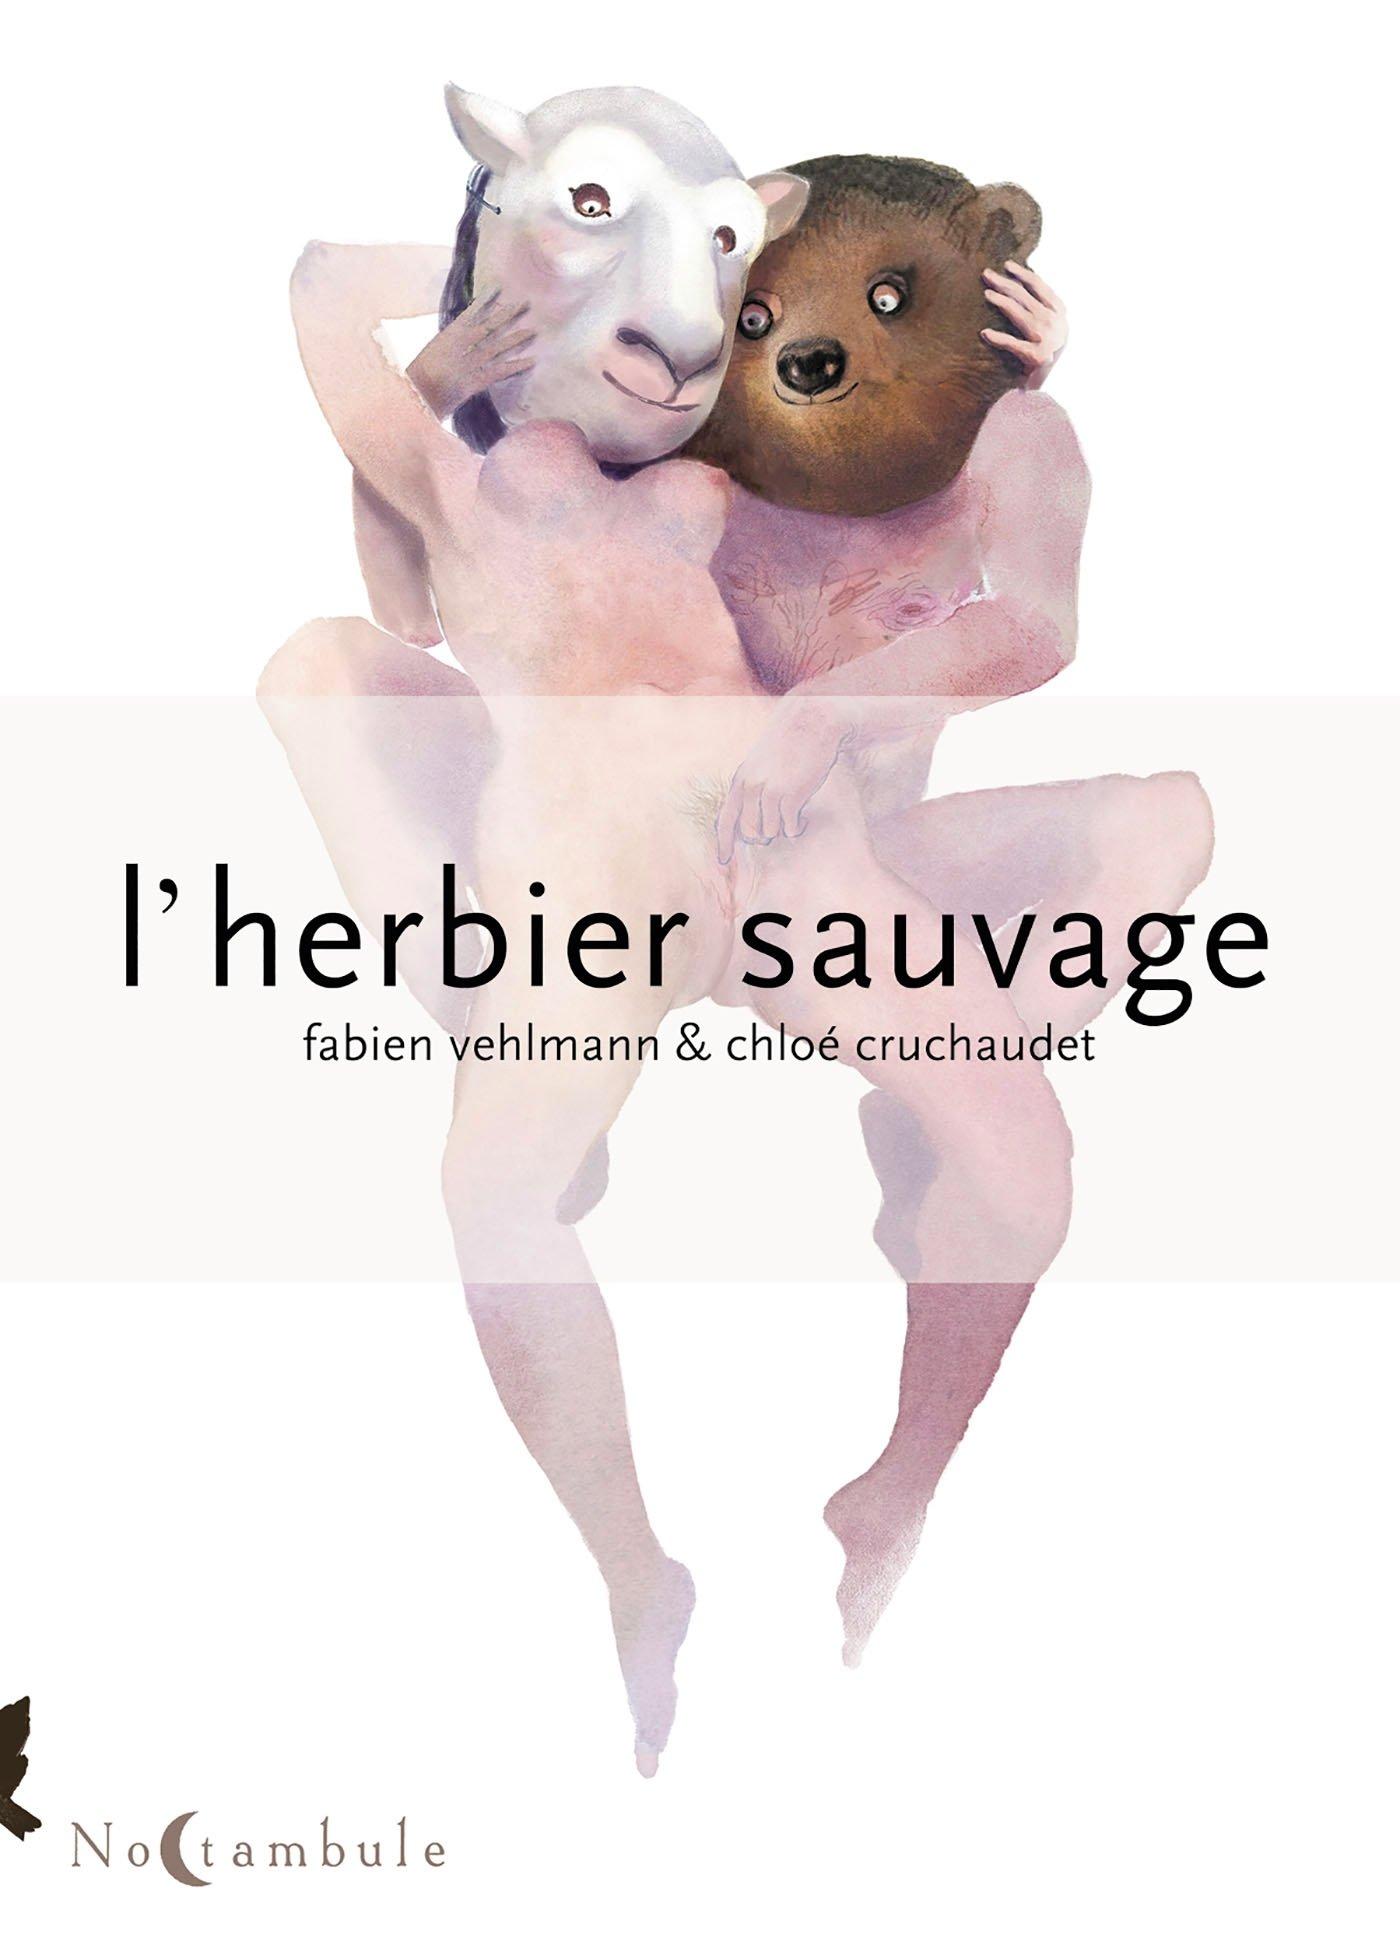 Herbier sauvage 01 Album – 25 mai 2016 Fabien Vehlmann Chloé Cruchaudet Soleil 2302051947